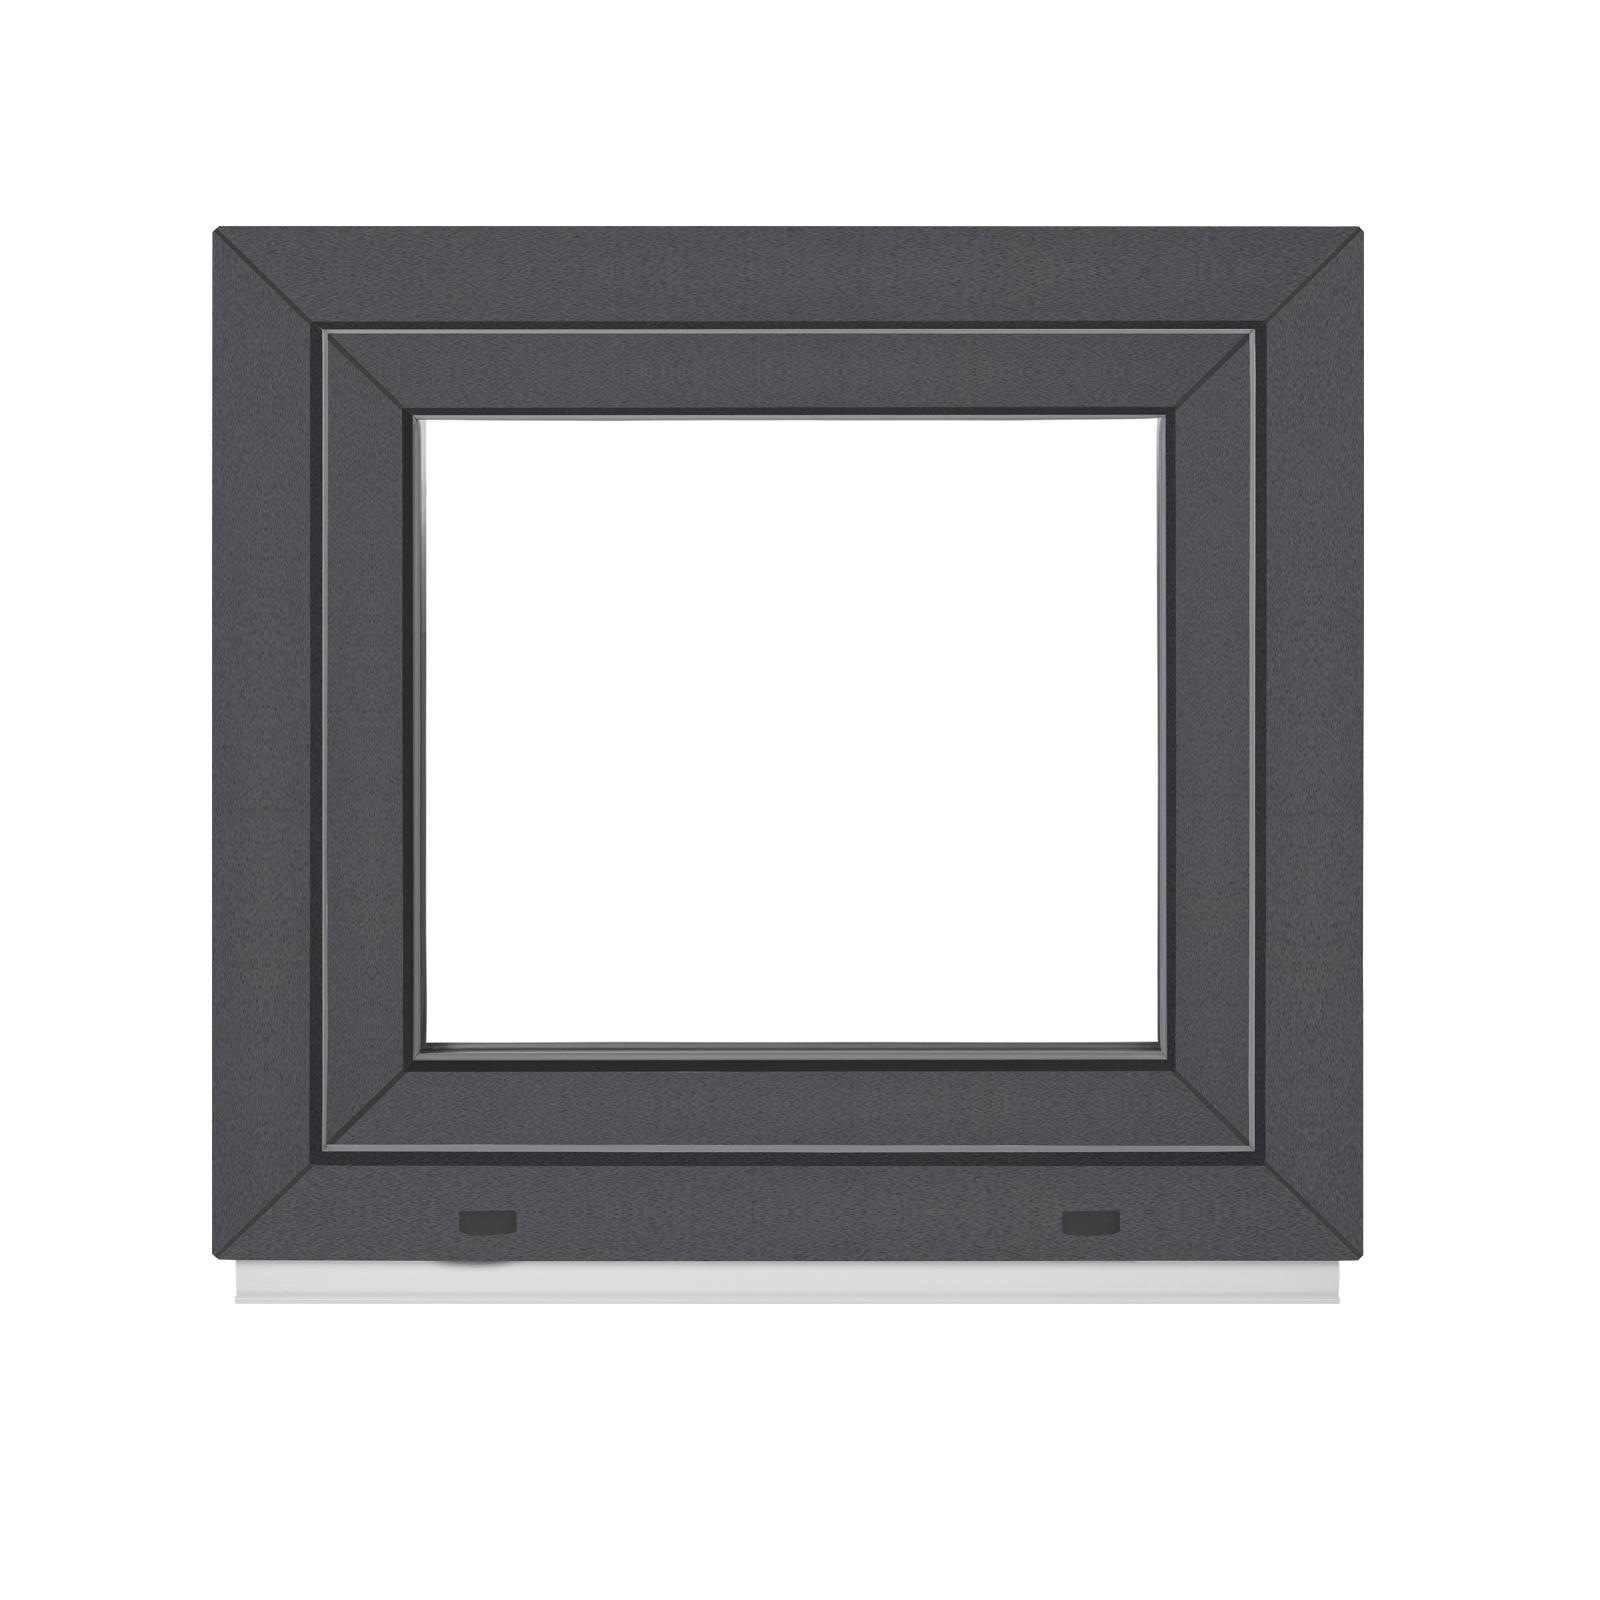 kunststofffenster breiten 50 120 cm innen wei au en anthrazit premium fenstiger. Black Bedroom Furniture Sets. Home Design Ideas